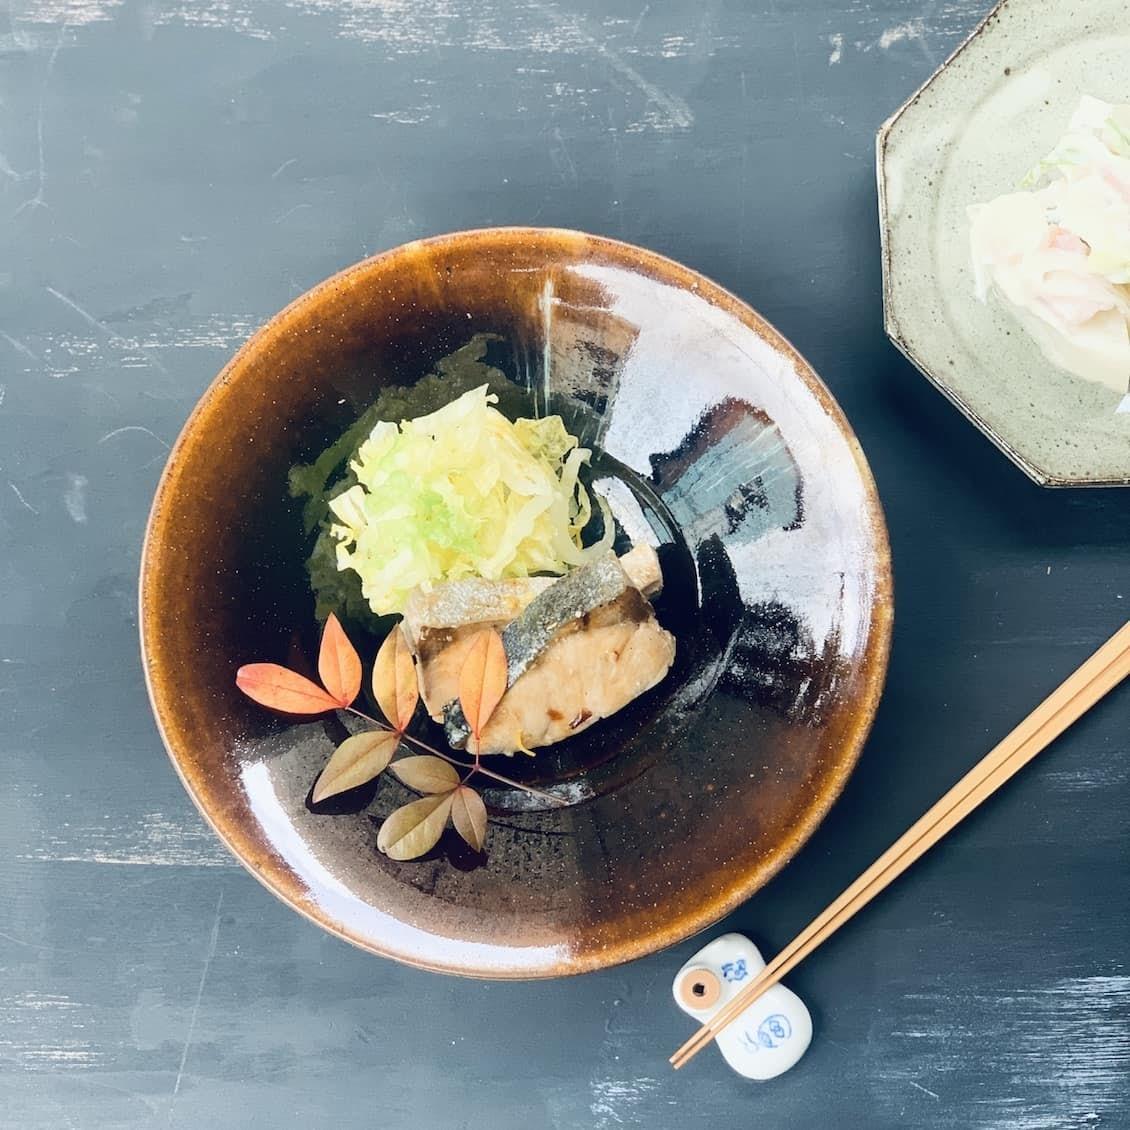 【クラシコムの社員食堂】冬食材をたっぷりと。鰤の照り焼きとかぶのコンソメ煮